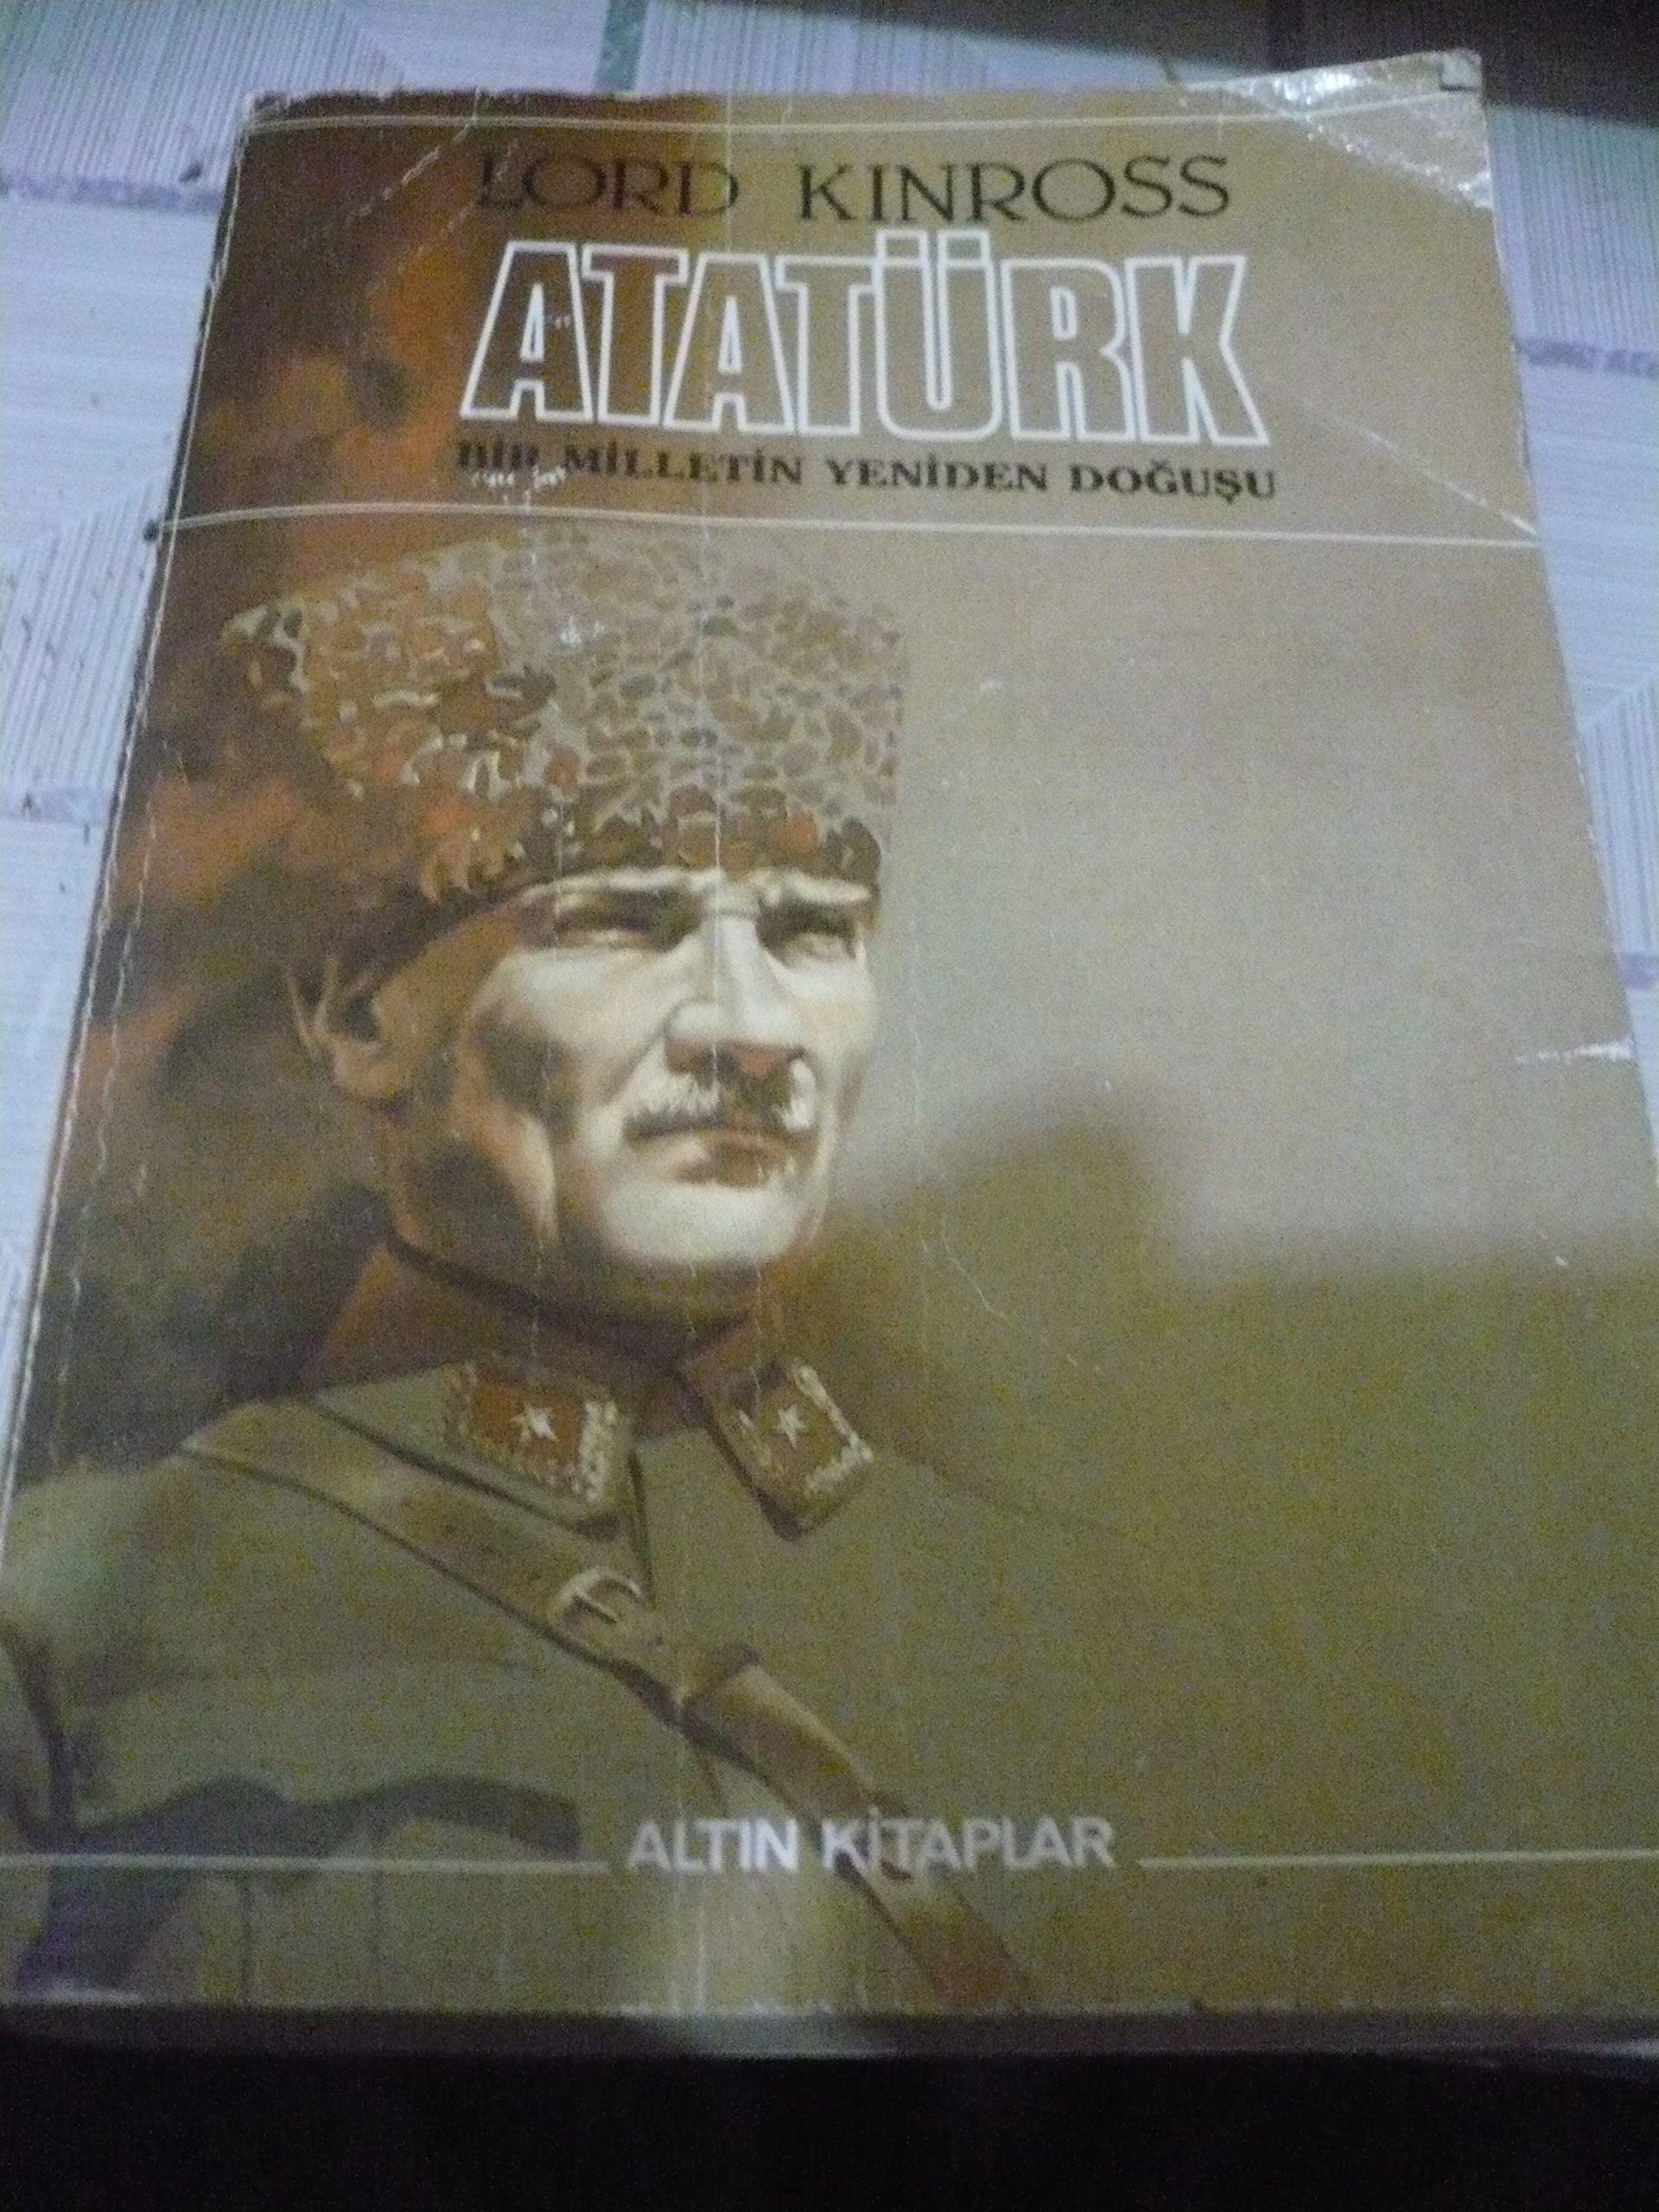 ATATÜRK/Lord KINROSS/15 TL